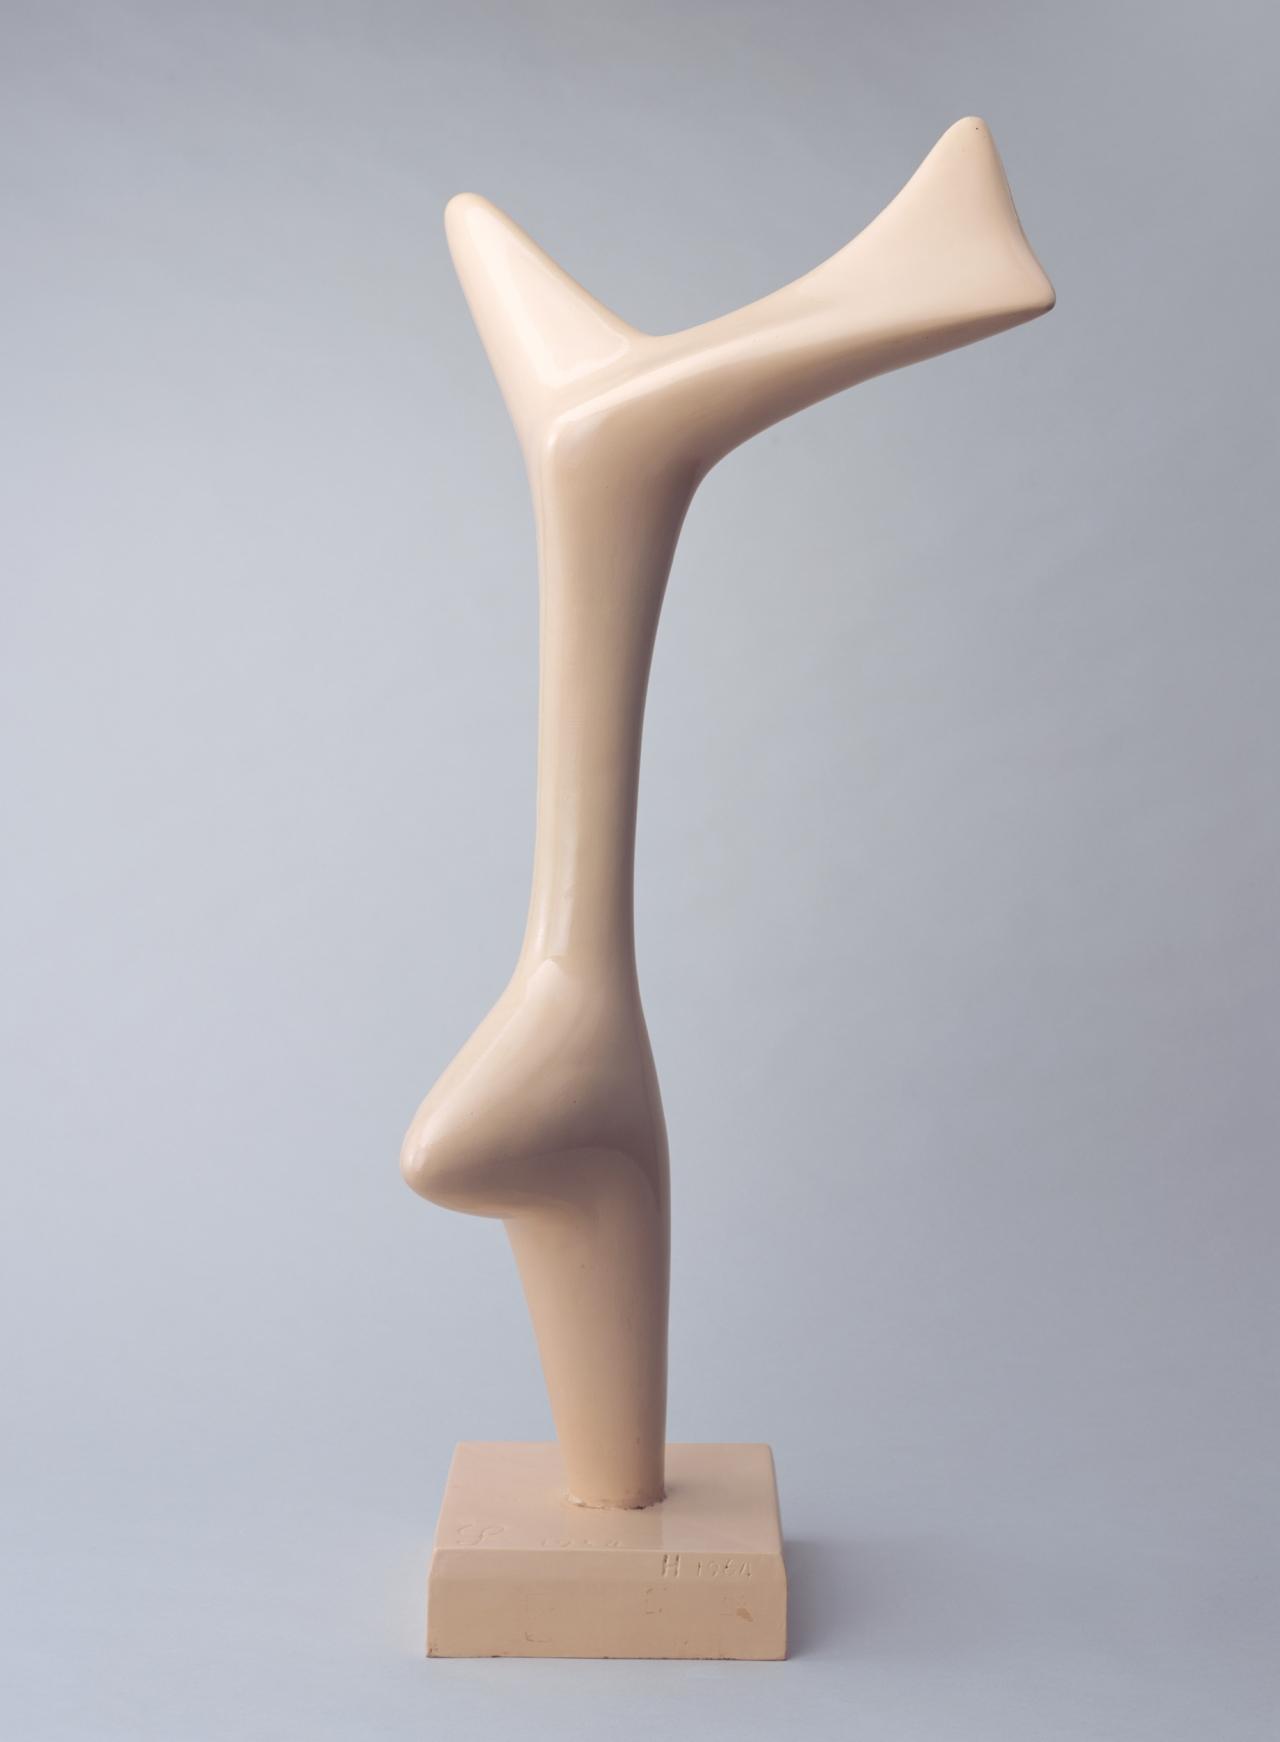 昆野恆  《生長の形態 no.1》  1964年